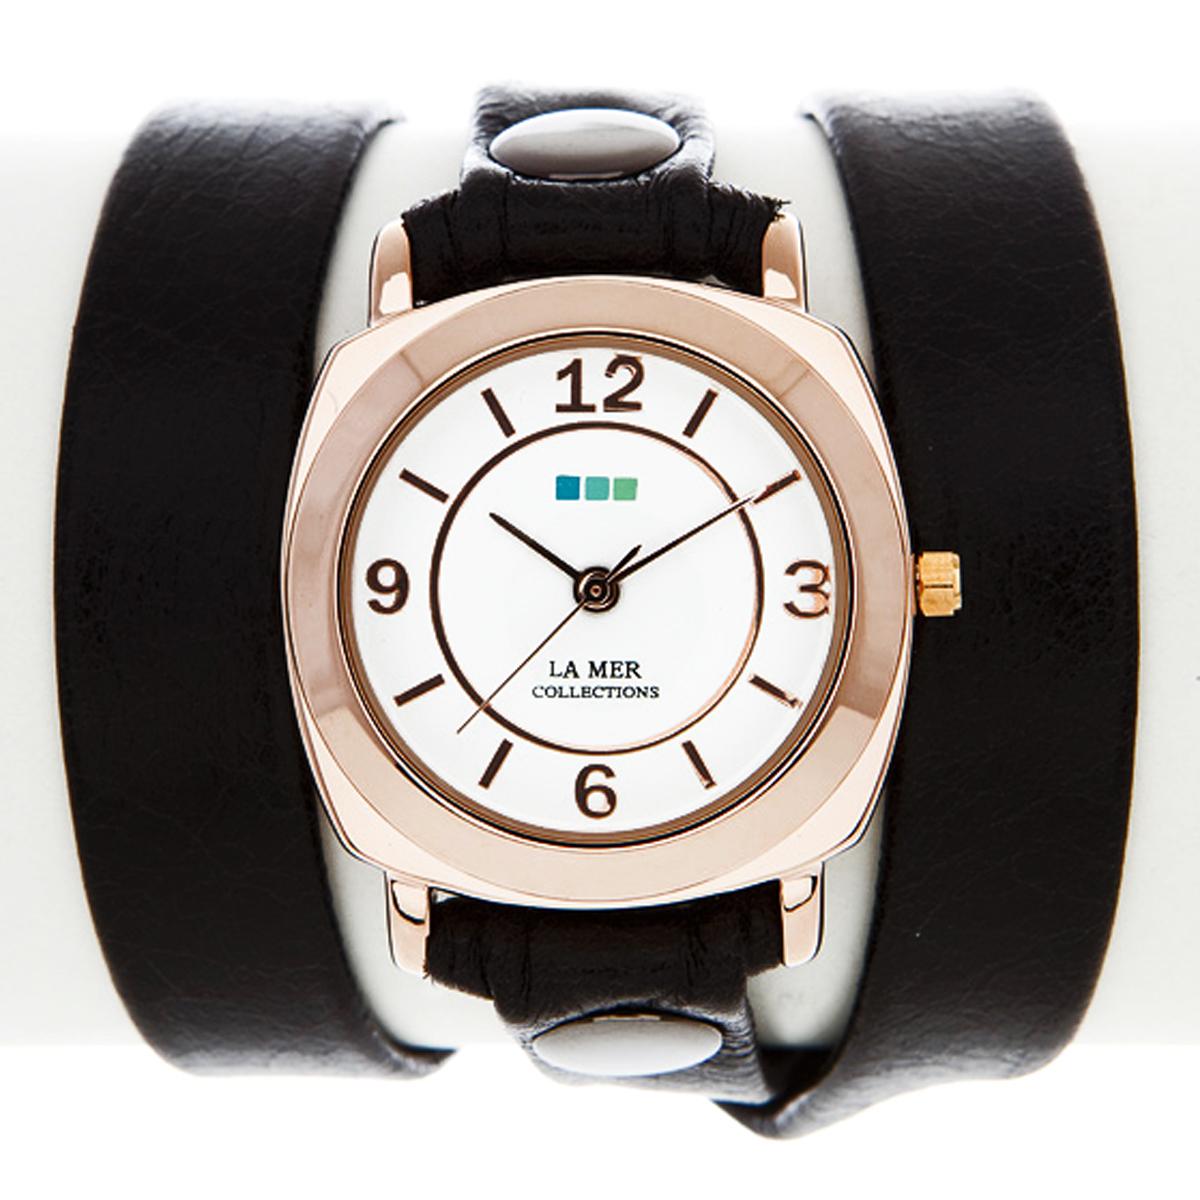 Часы женские наручные La Mer Collections Odyssey Black/Gold. LMODY004BM8434-58AEЖенские наручные часы Odessey Black/Gold позволят вам выделиться из толпы и подчеркнуть свою индивидуальность. Часы оснащены японским кварцевым механизмом SEIKO. Ремешок выполнен из натуральной итальянской кожи с матовой поверхностью и оформлен металлическими заклепками. Корпус часов изготовлен из сплава металлов золотистого цвета. Циферблат оснащен часовой, минутной и секундной стрелками и защищен минеральным стеклом. Циферблат оформлен арабскими цифрами и отметками. Часы застегиваются на классическую застежку.Часы хранятся на специальной подушечке в футляре из искусственной кожи, крышка которого оформлена логотипом компании La Mer Collection. Характеристики:Механизм: кварцевый SEIKO (Япония).Размер корпуса: 29 х 29 х 8 мм. Материал корпуса: сплав металлов. Стекло: минеральное. Ремешок: Итальянская натуральная кожа. Размер ремешка: 55 х 1,3 см.Гарантия: 1 год. Размер упаковки: 10 см x 10 см x 6,5 см.